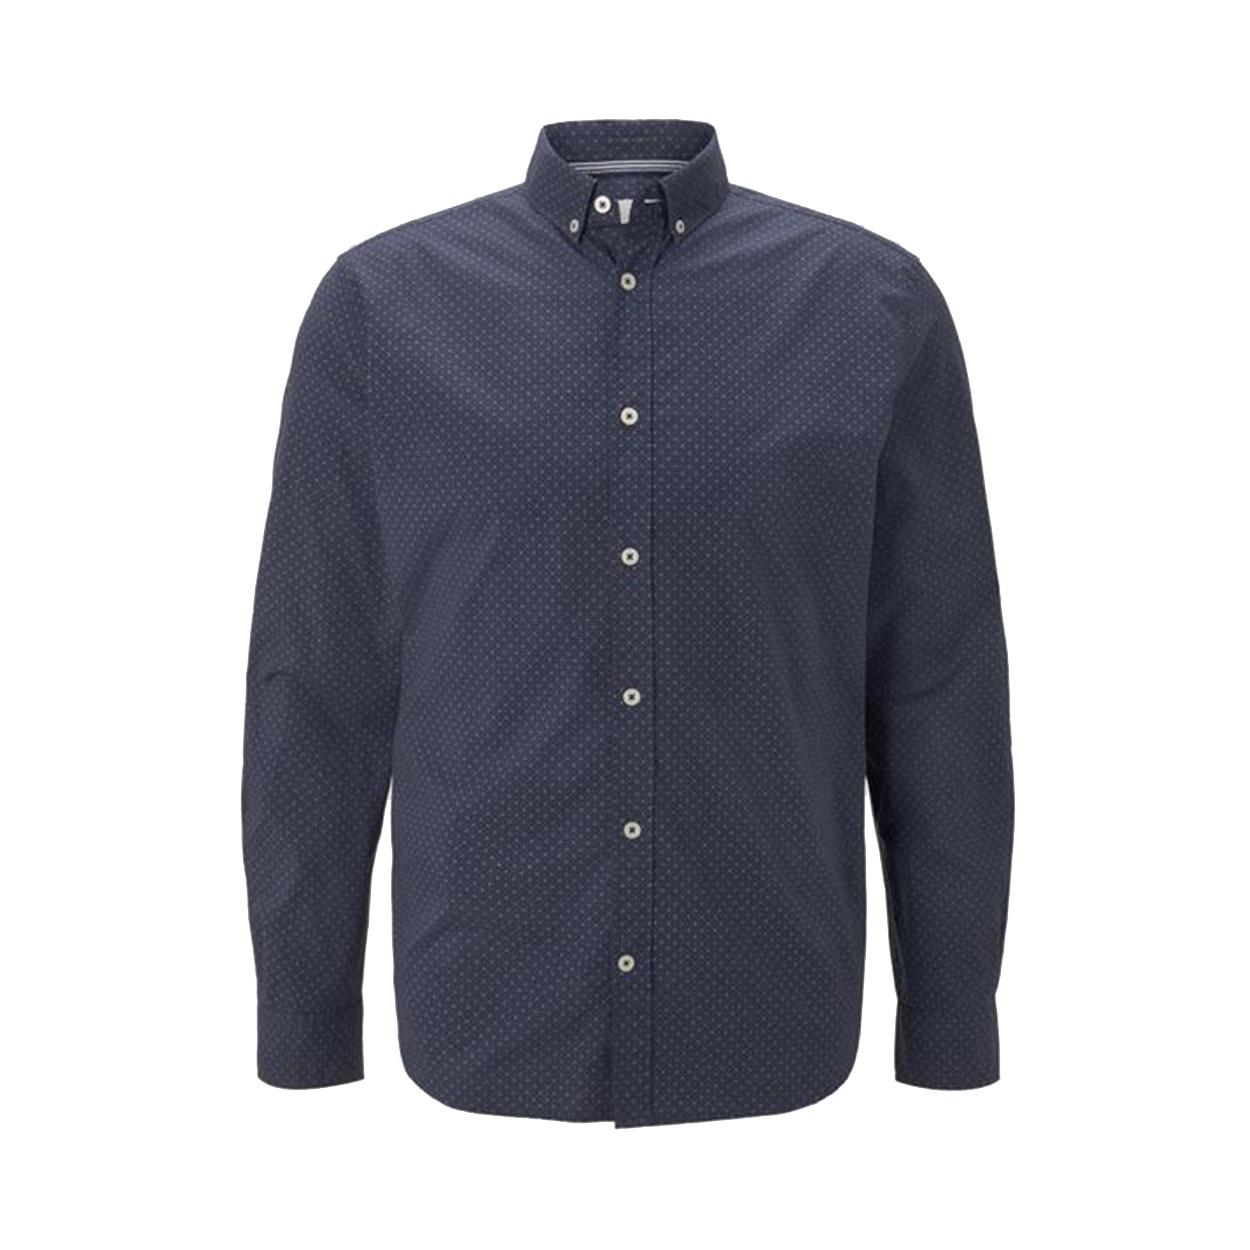 Chemise ajustée  en coton stretch bleu marine à micros motifs blancs et bleus